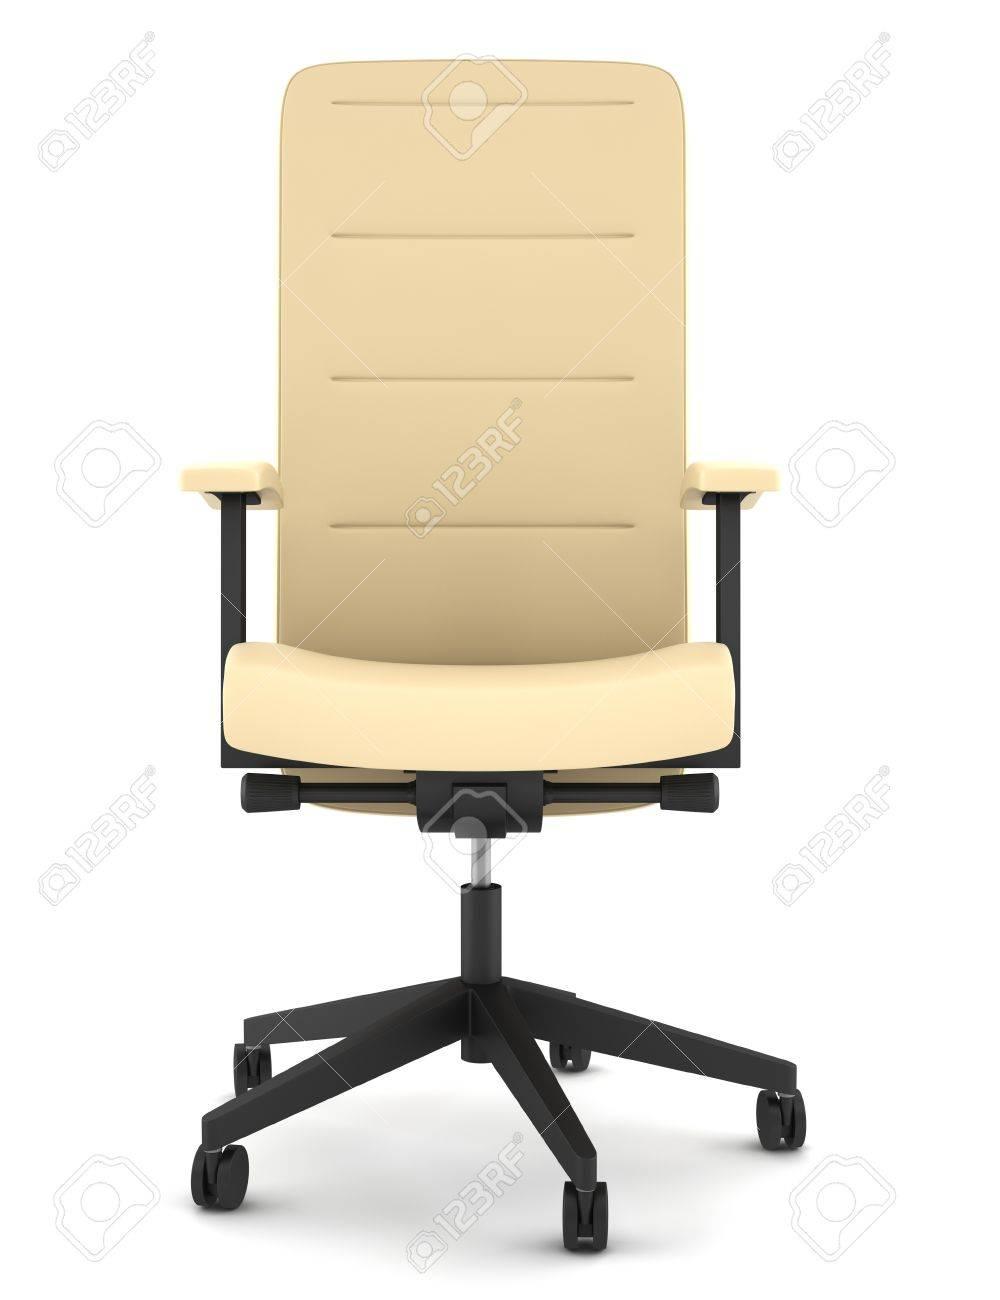 Moderne Lederen Bureaustoel.Moderne Beige Lederen Bureaustoel Geisoleerd Op Witte Achtergrond